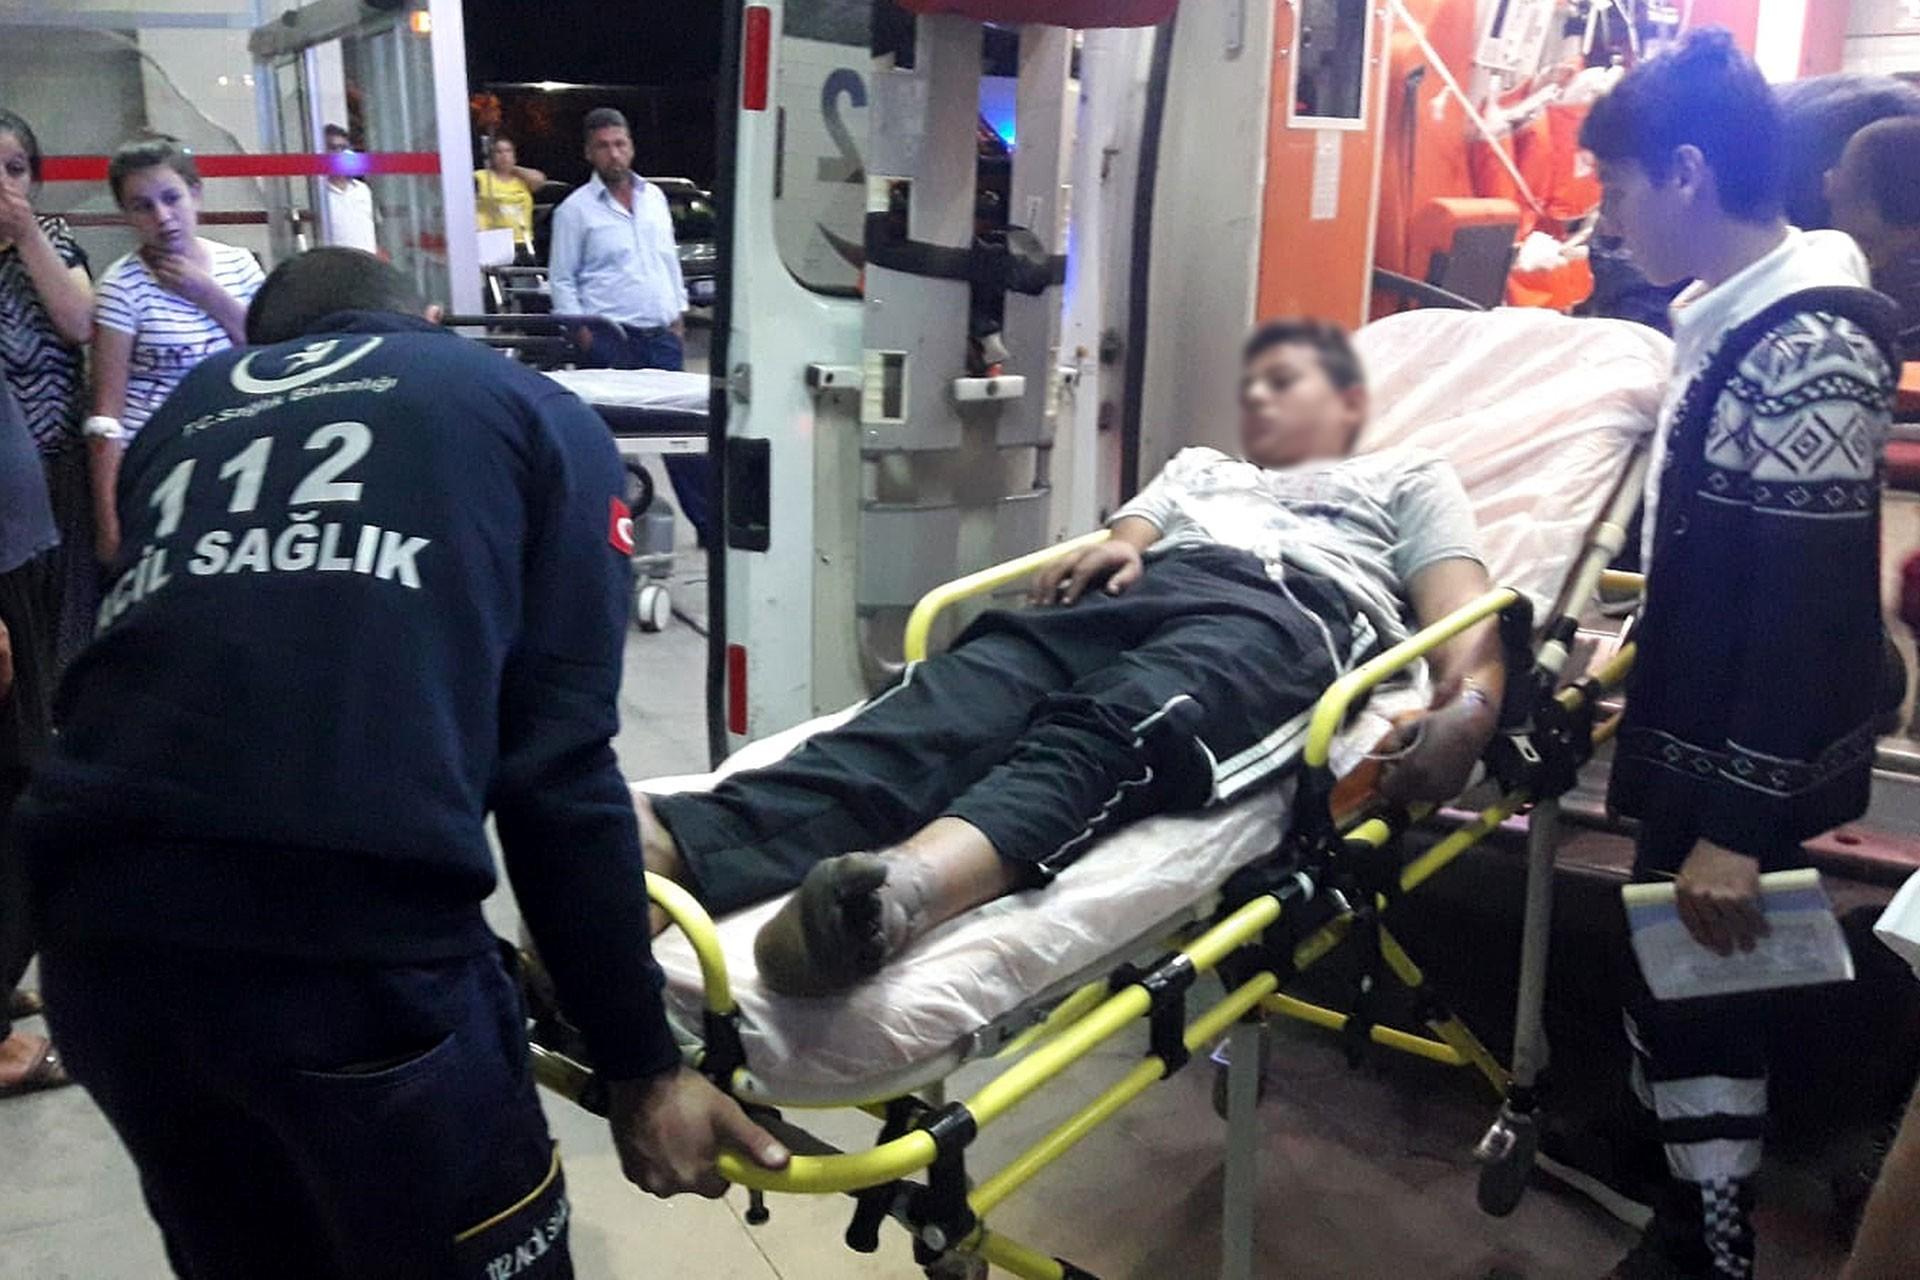 Yüksek gerilim hattına dokunan çocuk akıma kapılarak yaralandı